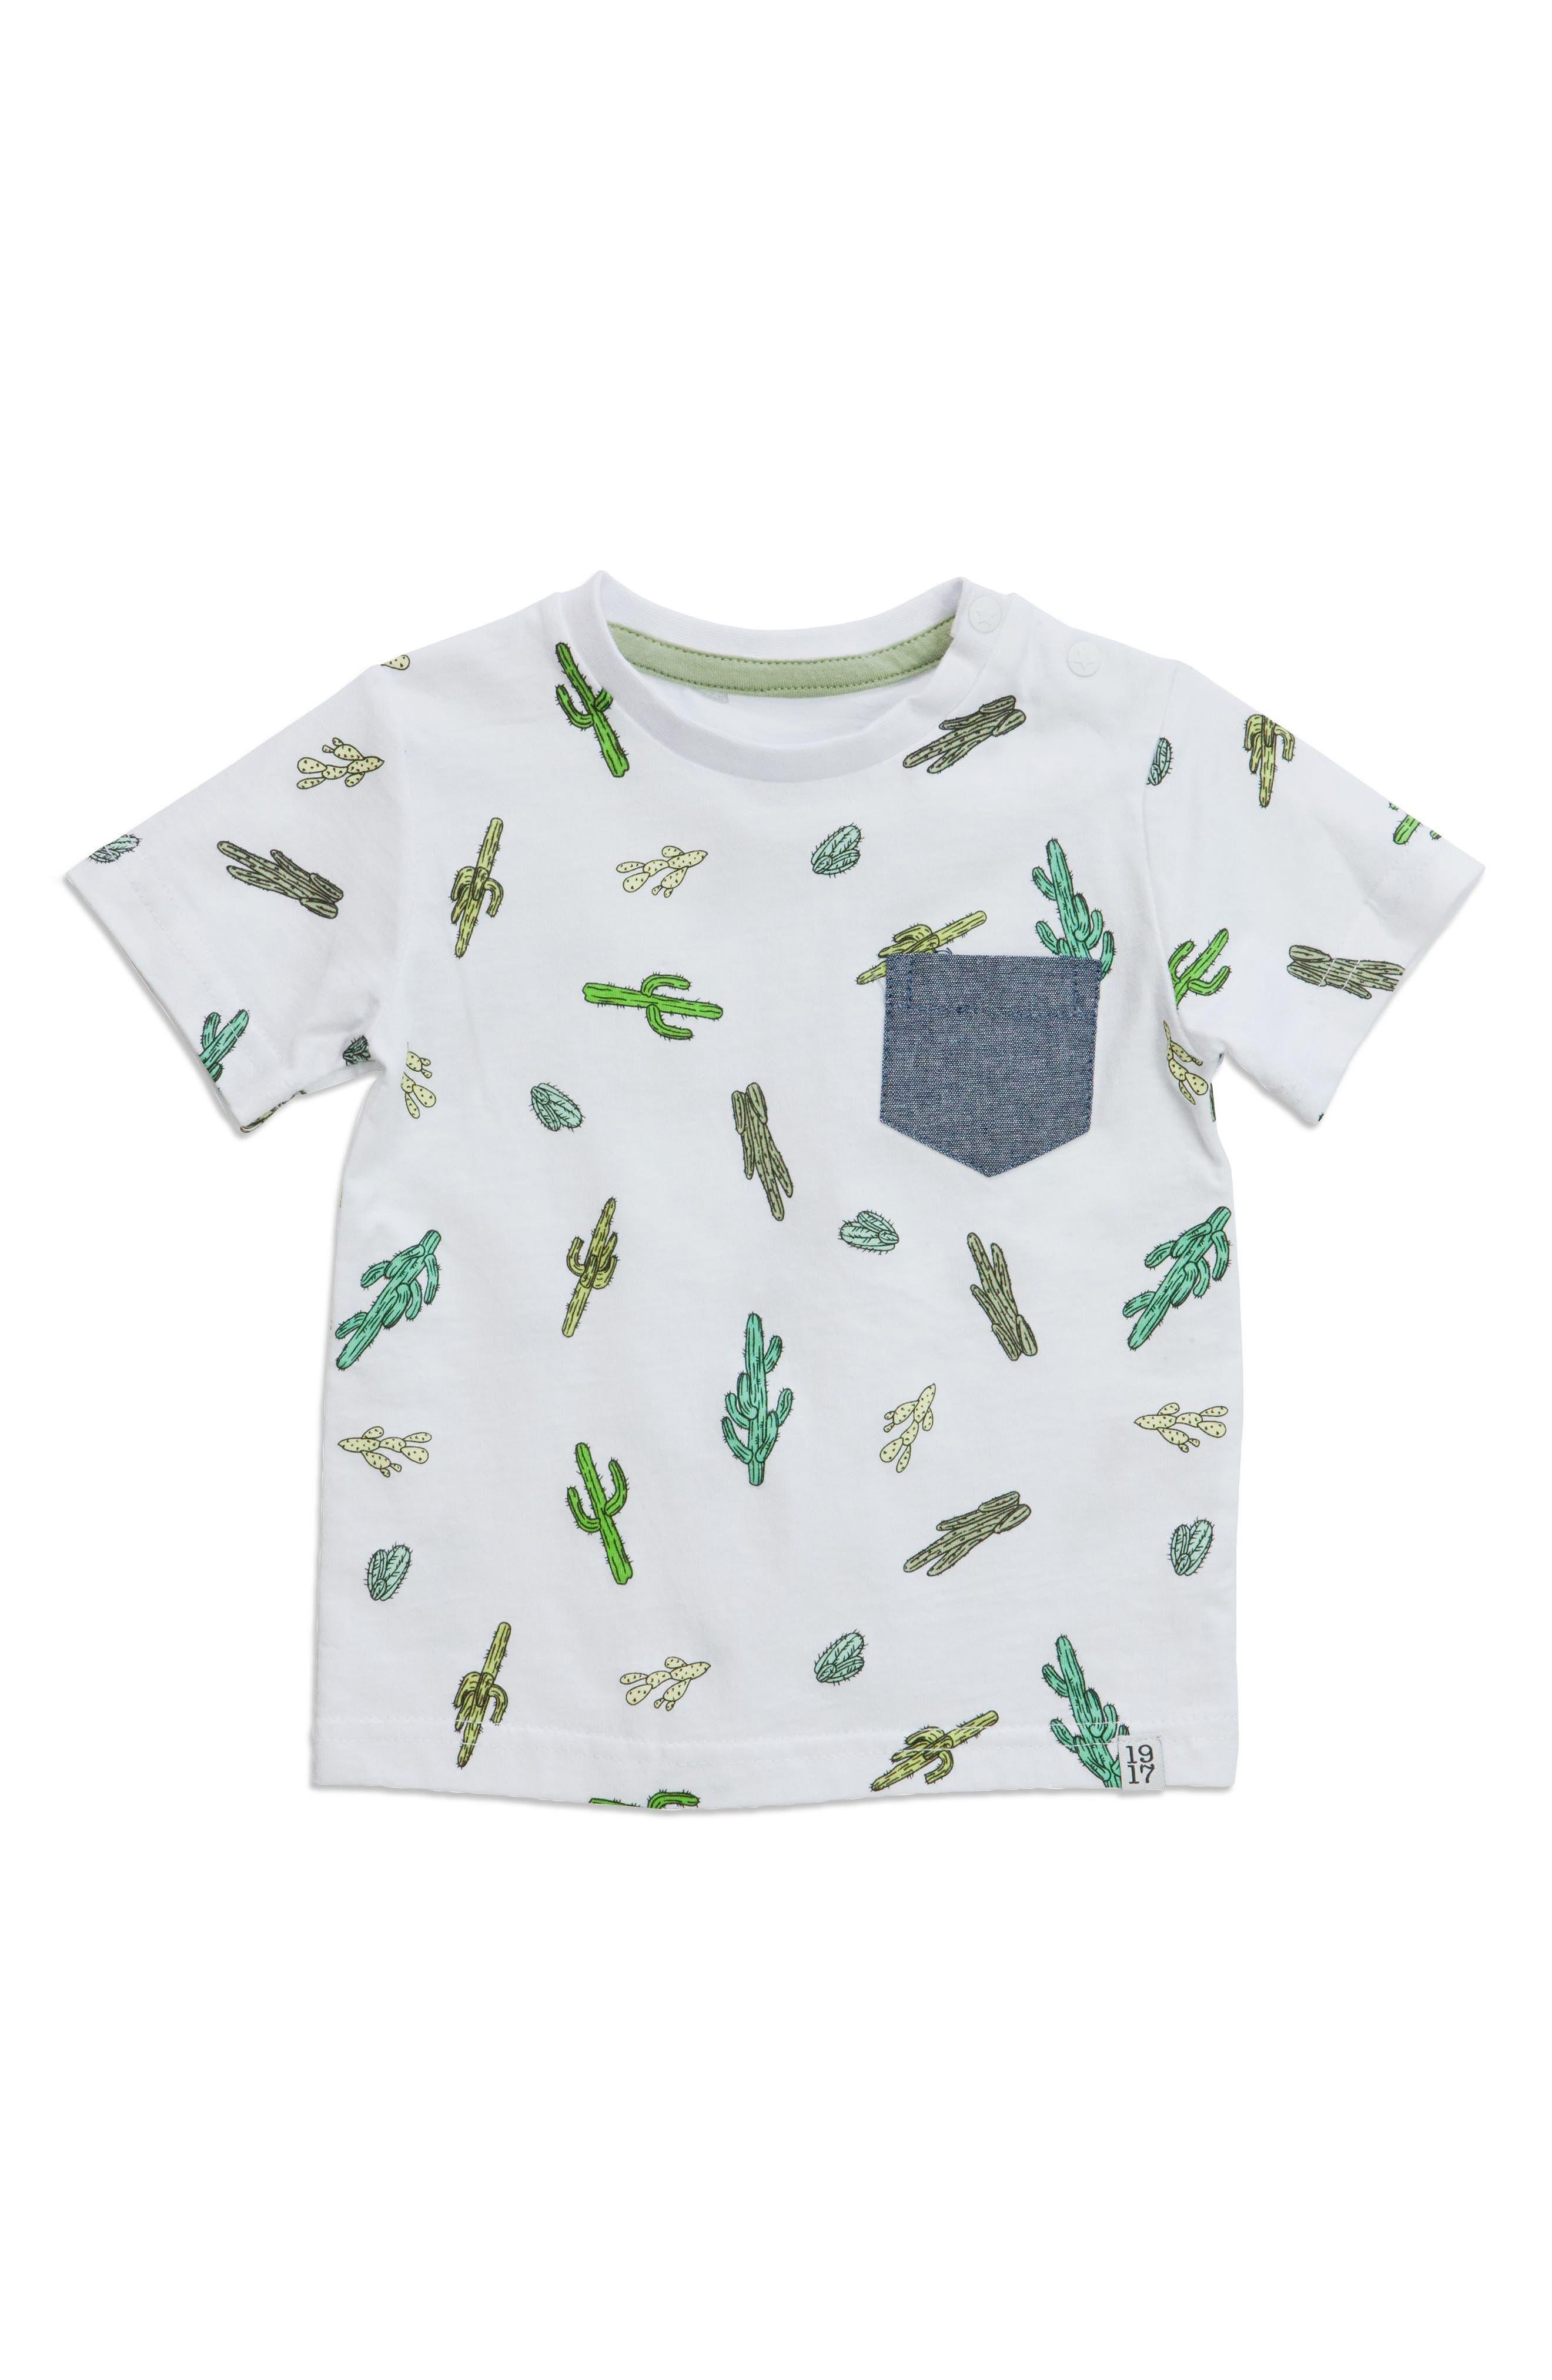 Stuart Print T-Shirt,                             Main thumbnail 1, color,                             100